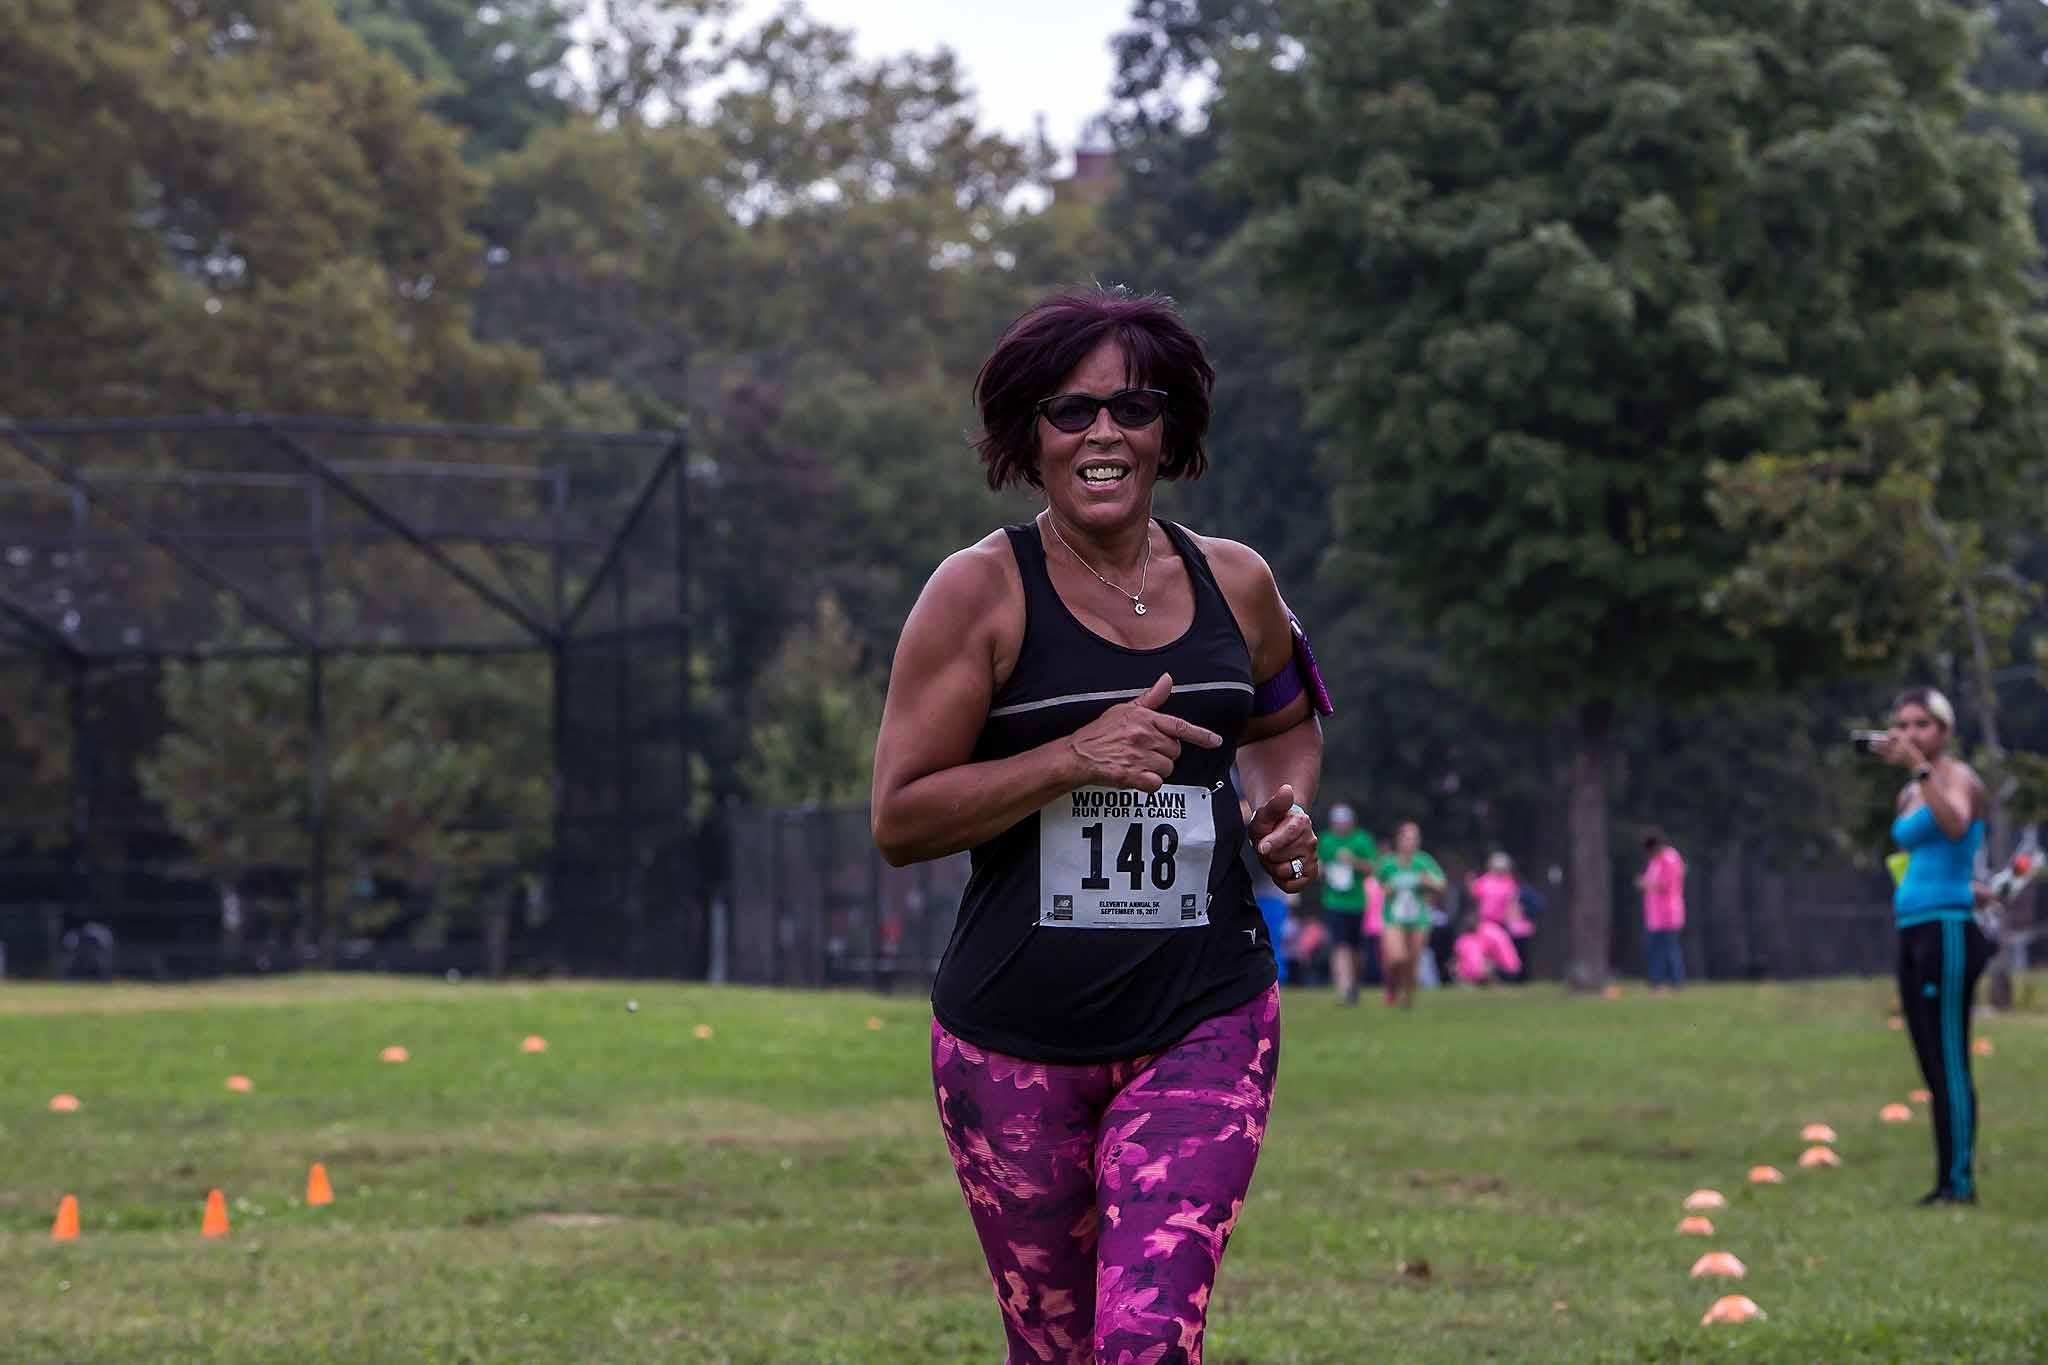 143-Woodlawn Run for a Cause-367.jpg